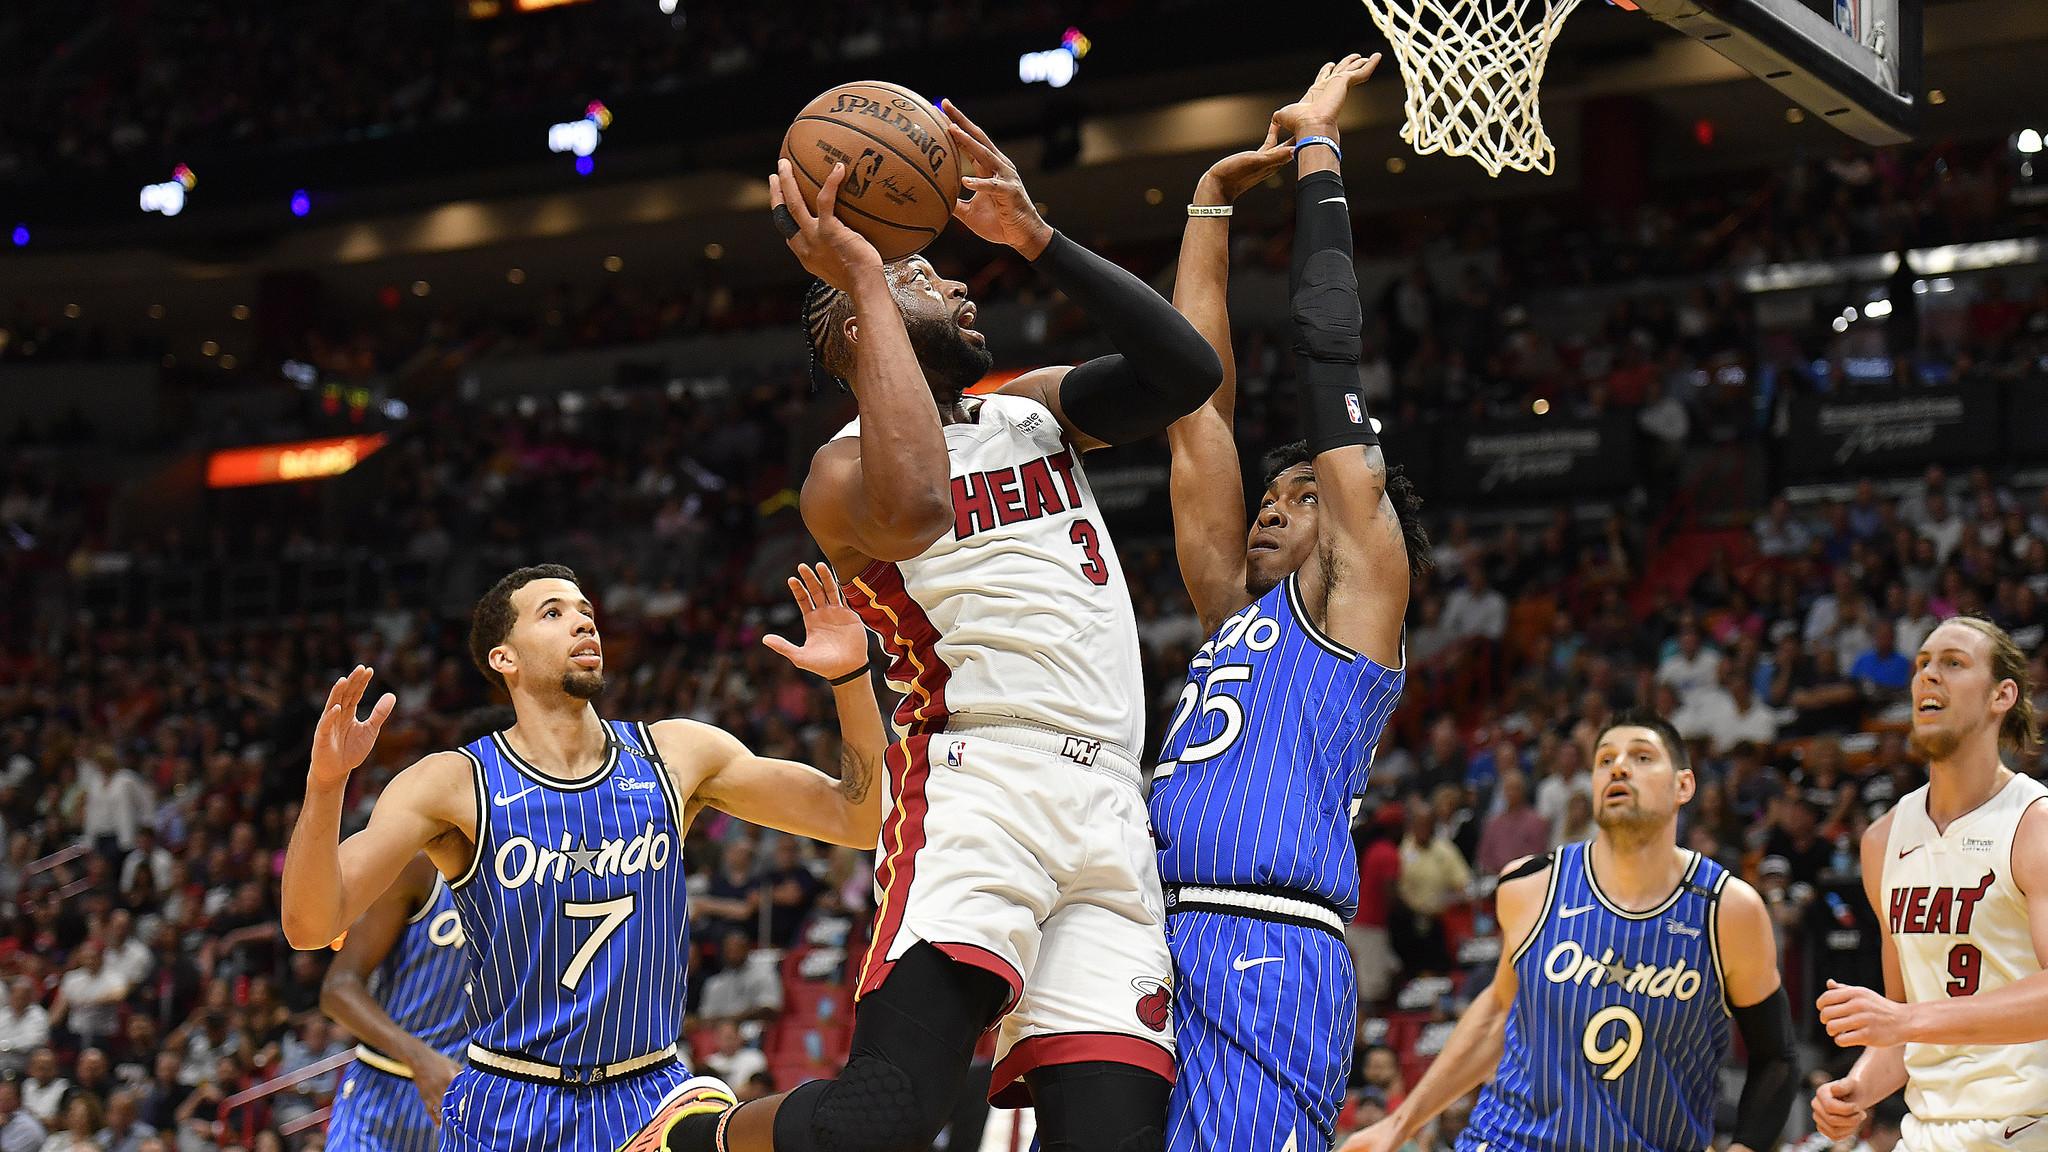 ee067de04877 ... Miami Heat retire Chris Bosh s jersey. Sun Sentinel - 23 49 PM ET March  26